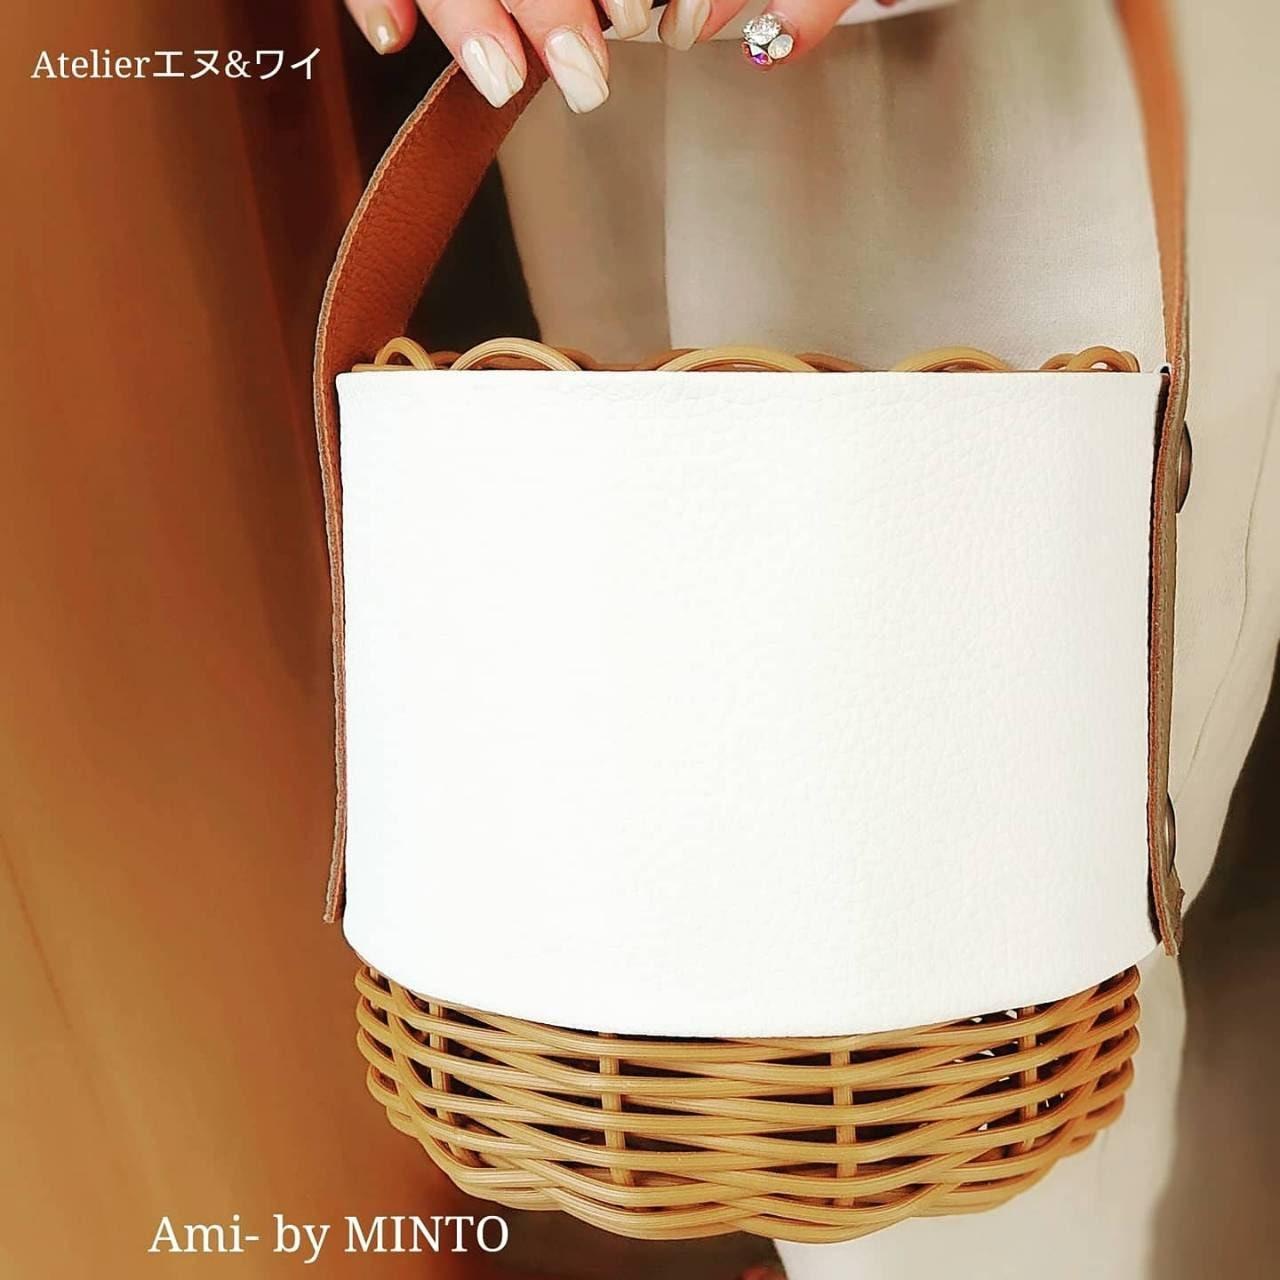 対面レッスン かごから編みます!綺麗なLeatherキットのMINTOシリーズ 【Ami-】by MINTO オンライン要ご相談のイメージその6